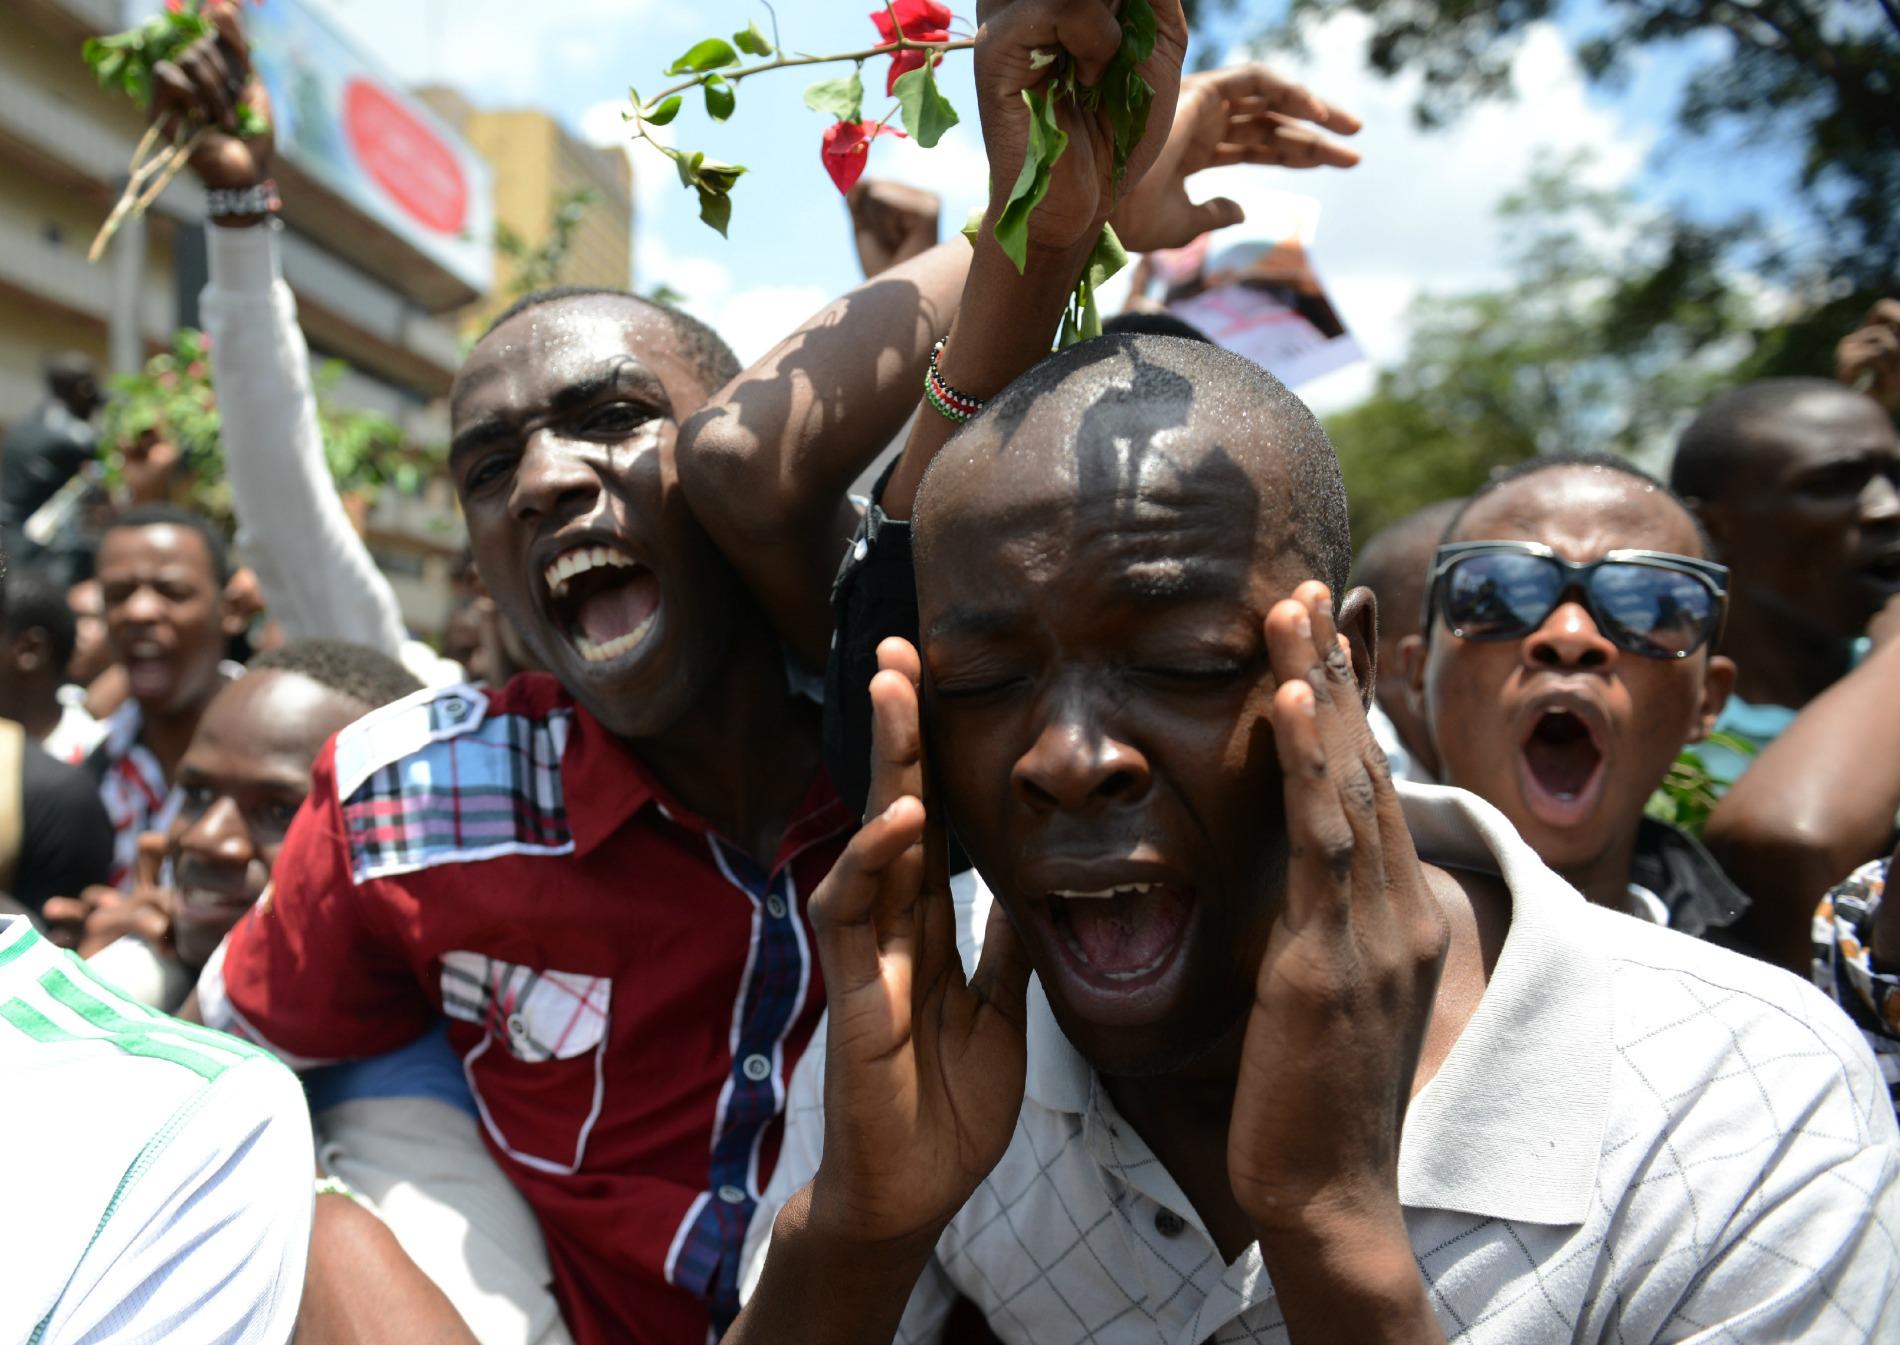 Kenia vs Charlie. Porque los negros y los pobres siempre serán relegados